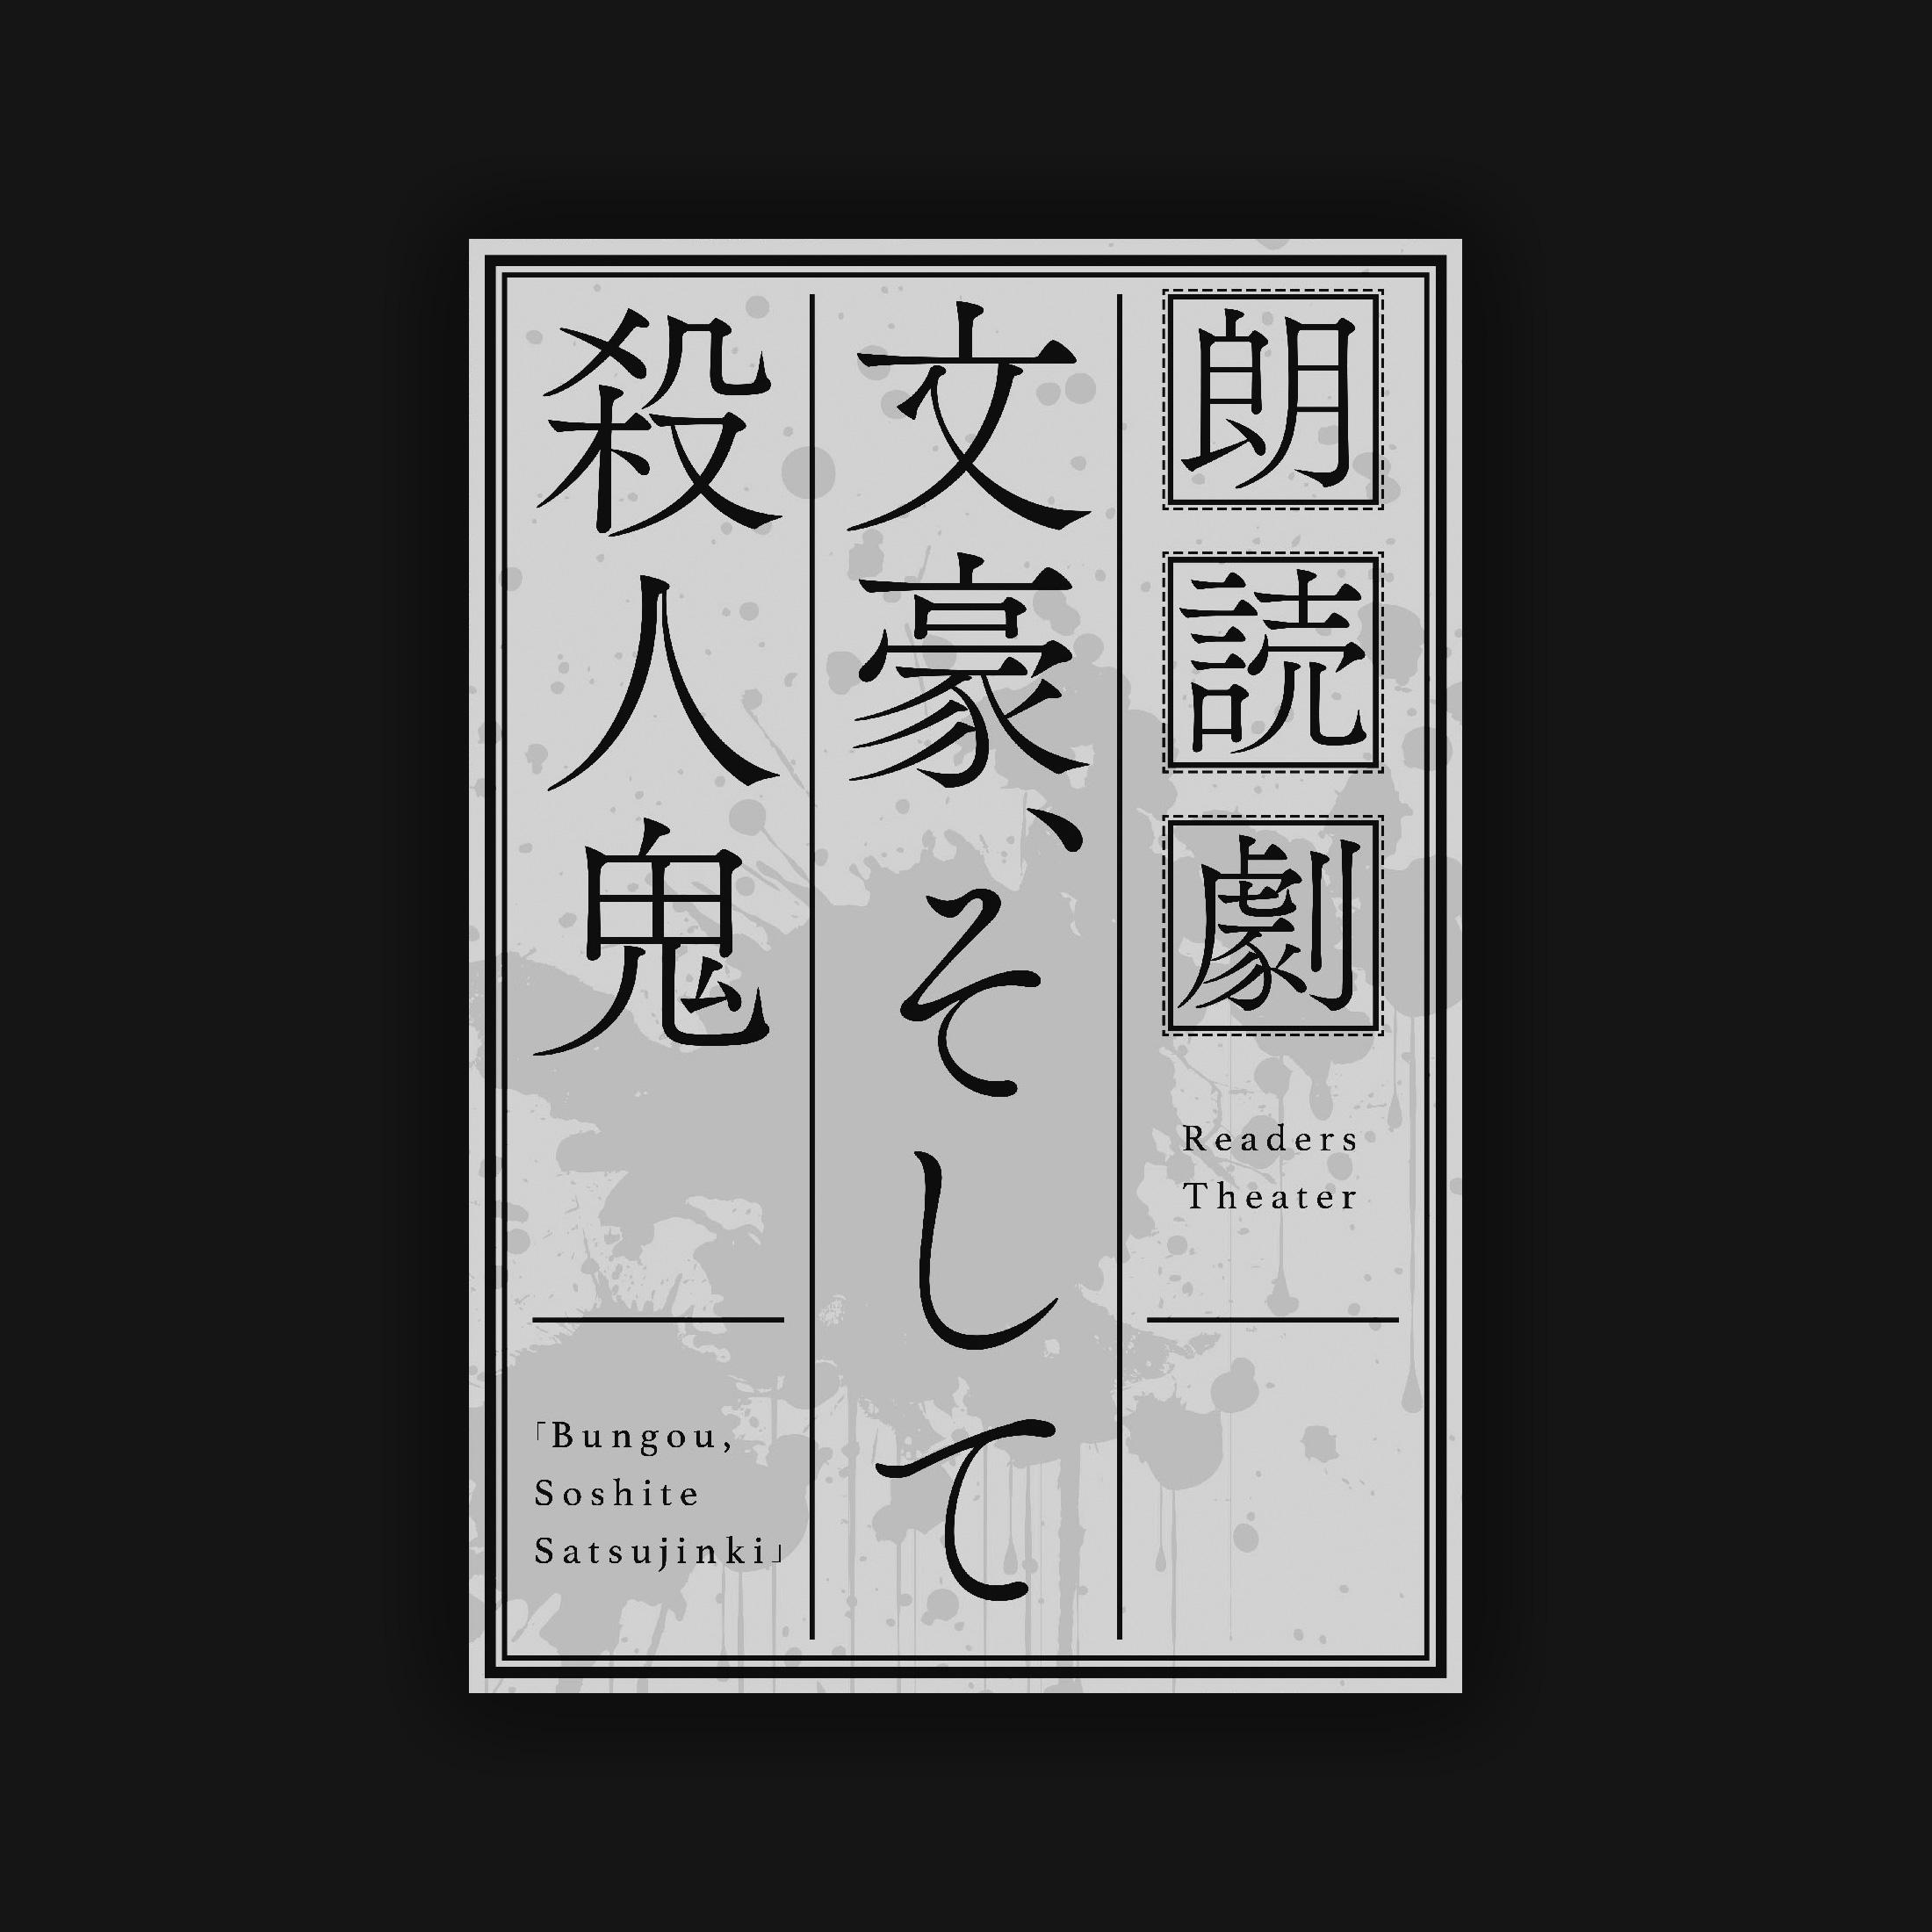 オリジナル朗読劇「文豪、そして殺人鬼」12月8日公演 昼公演